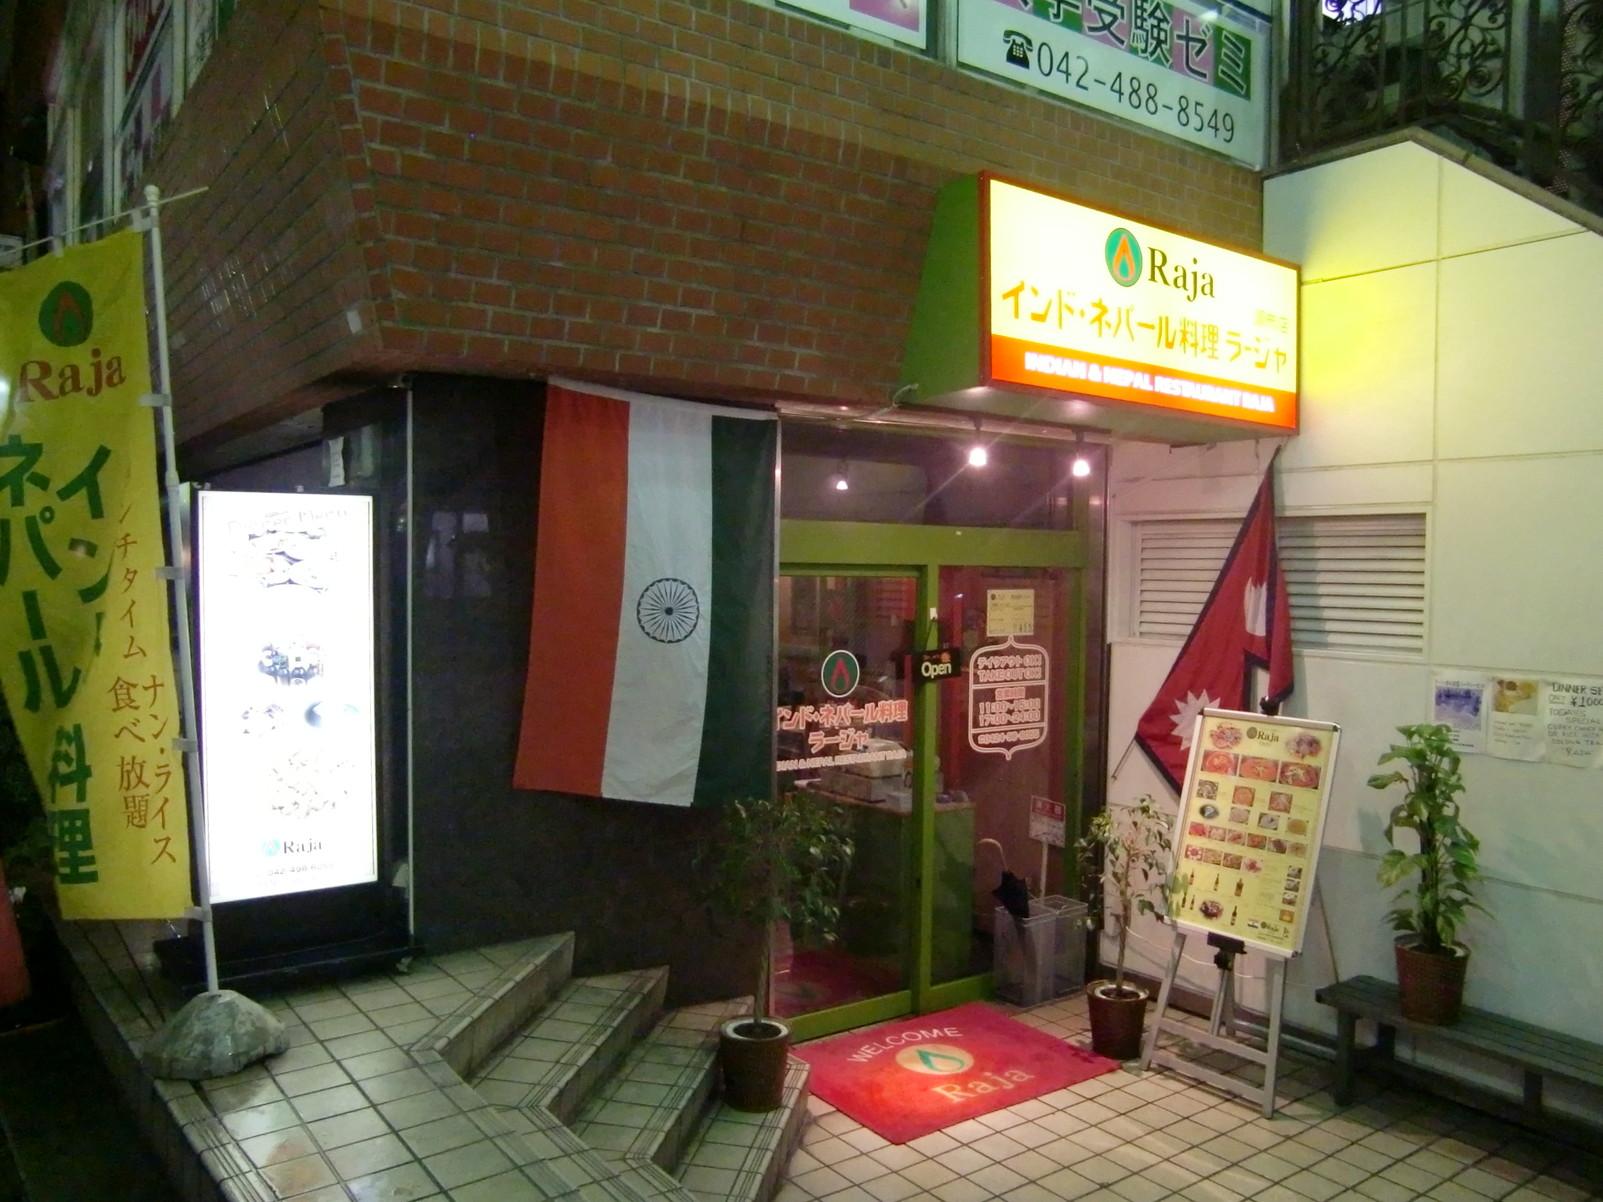 インド・ネパール料理 Raja 調布店